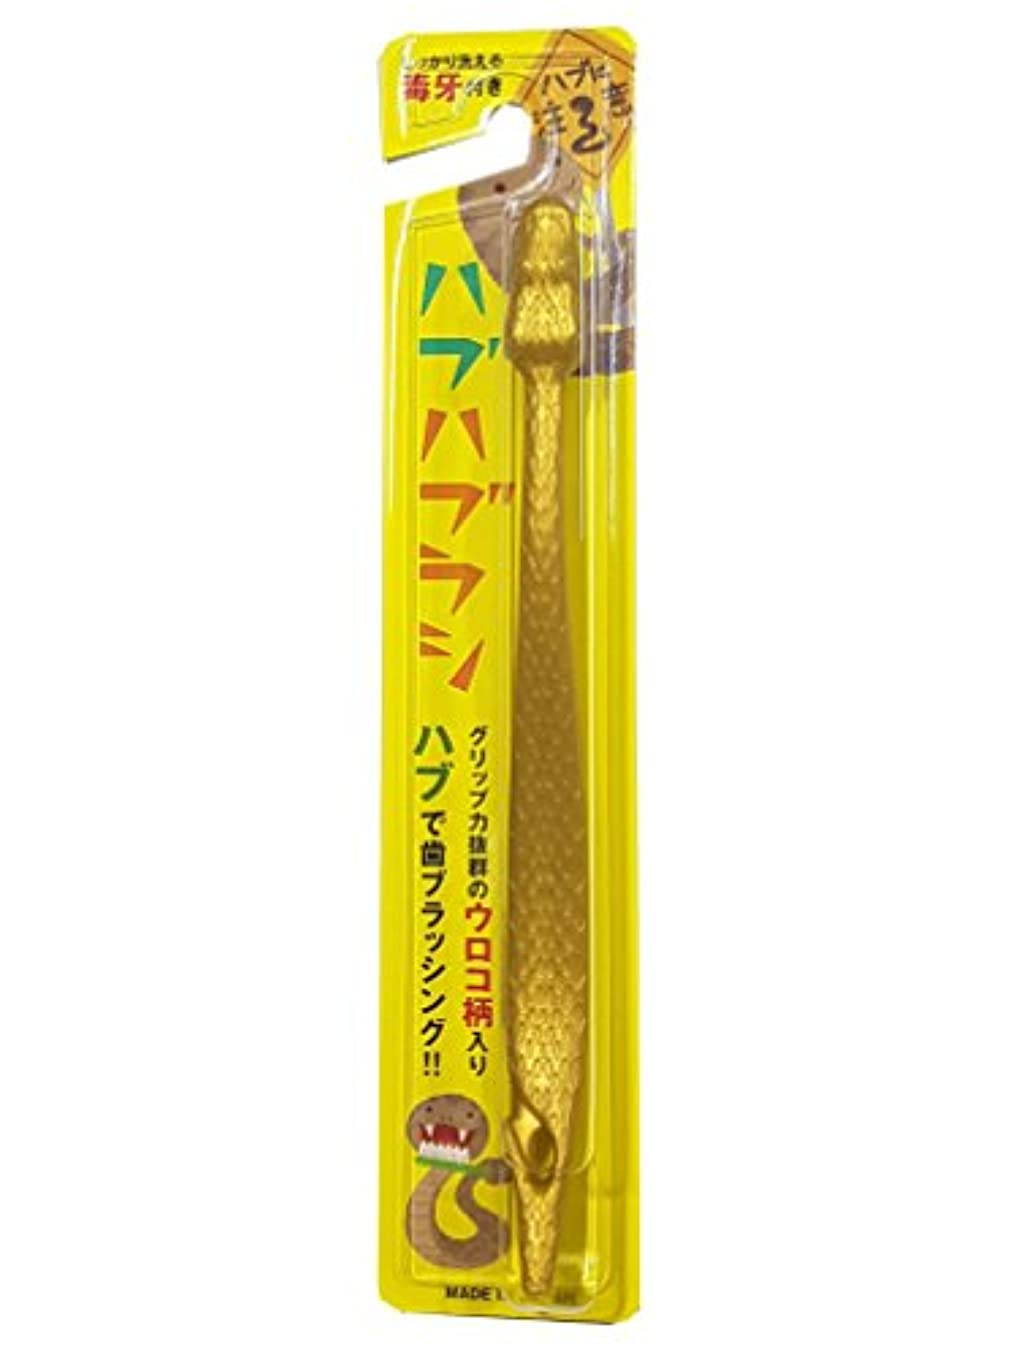 ハブハブラシ (金 色) 沖縄 はぶ 歯ブラシ